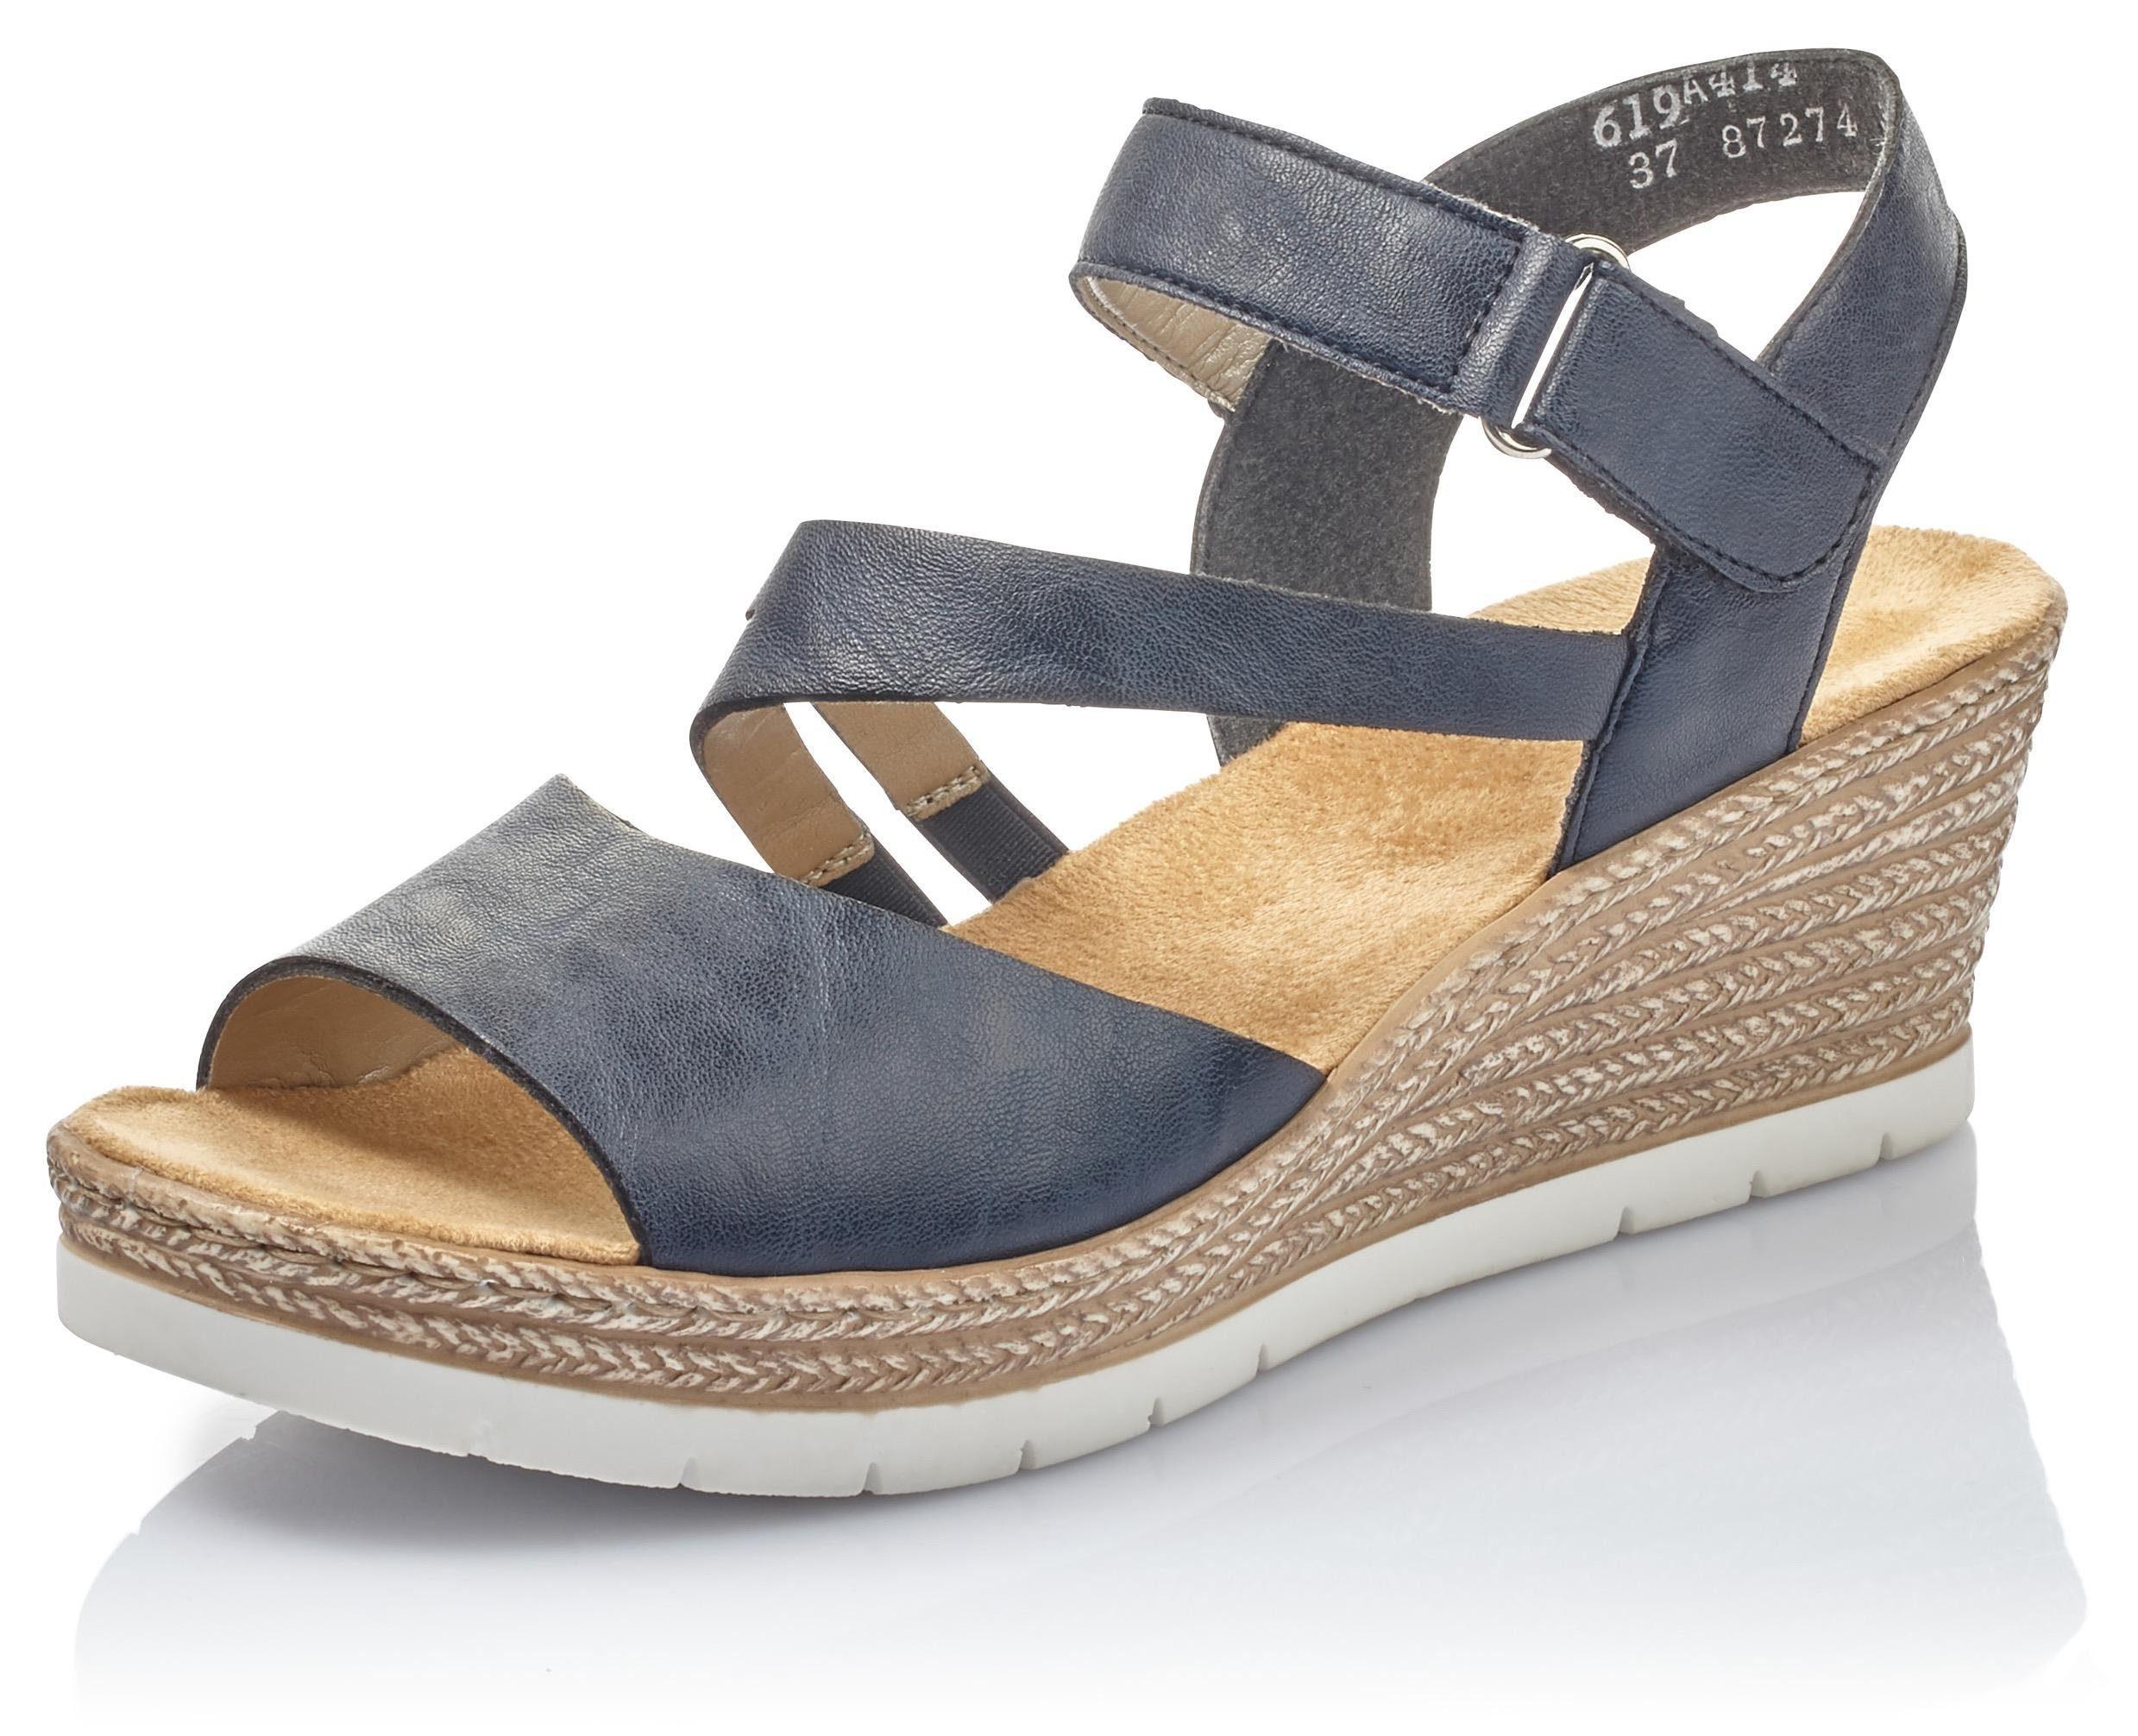 Rieker Sandalette mit Klettverschluss, In sommerlicher Optik online kaufen | OTTO